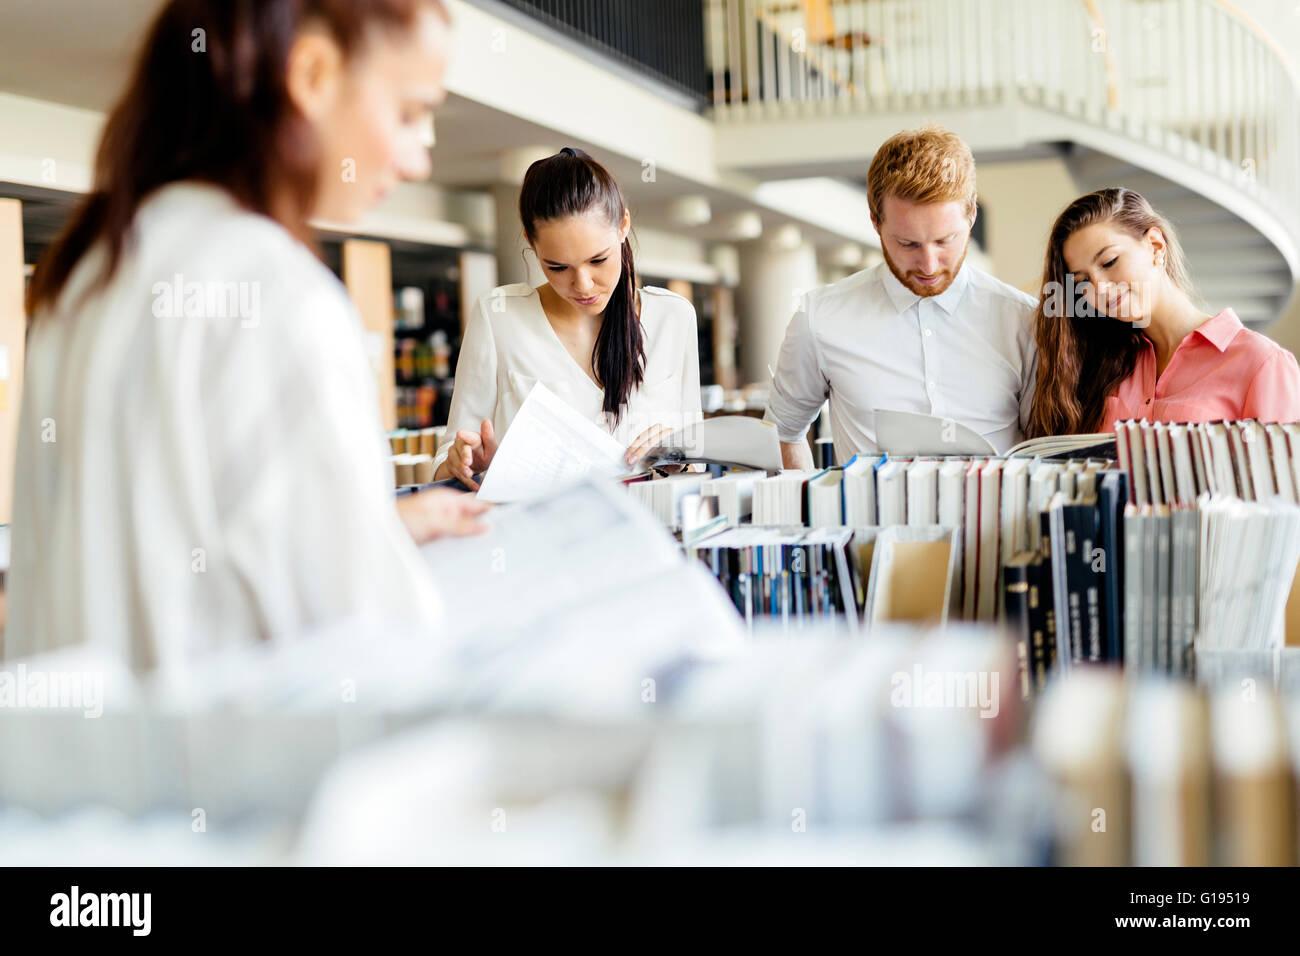 Grupo de alumnos que estudian en la biblioteca y la lectura de libros Imagen De Stock